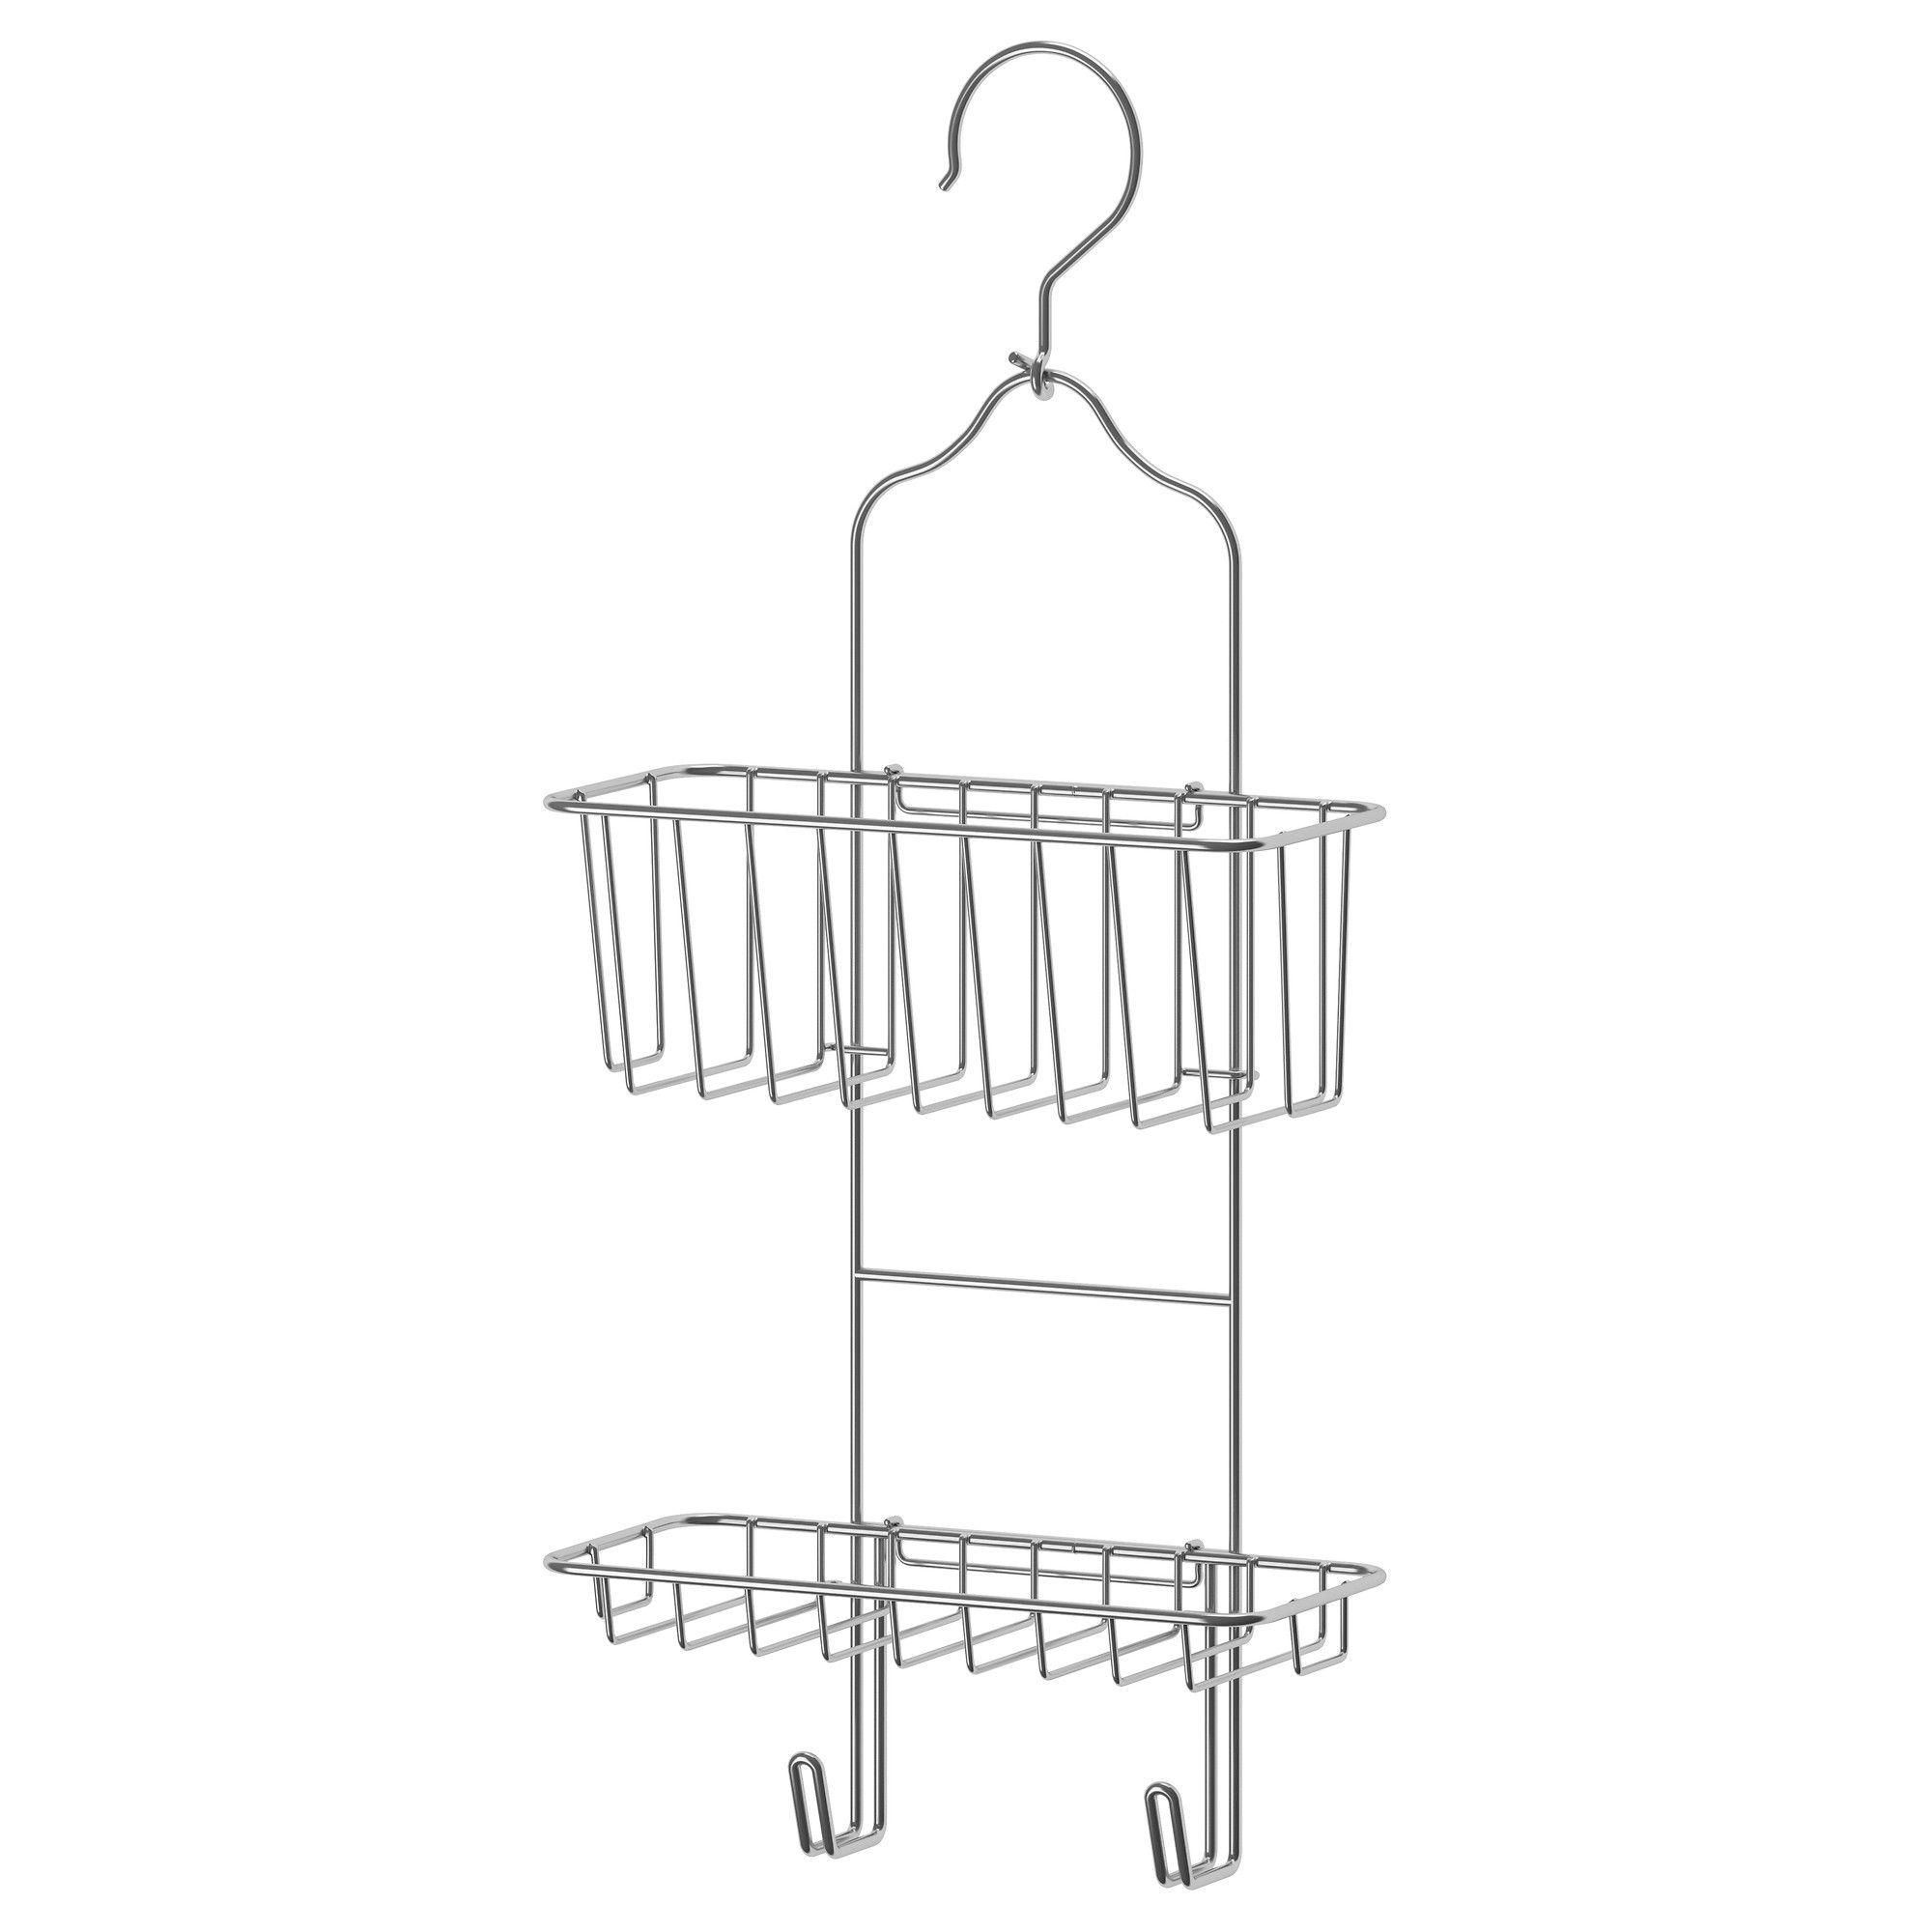 IMMELN Hængekurv til bruser, 2 etager - IKEA